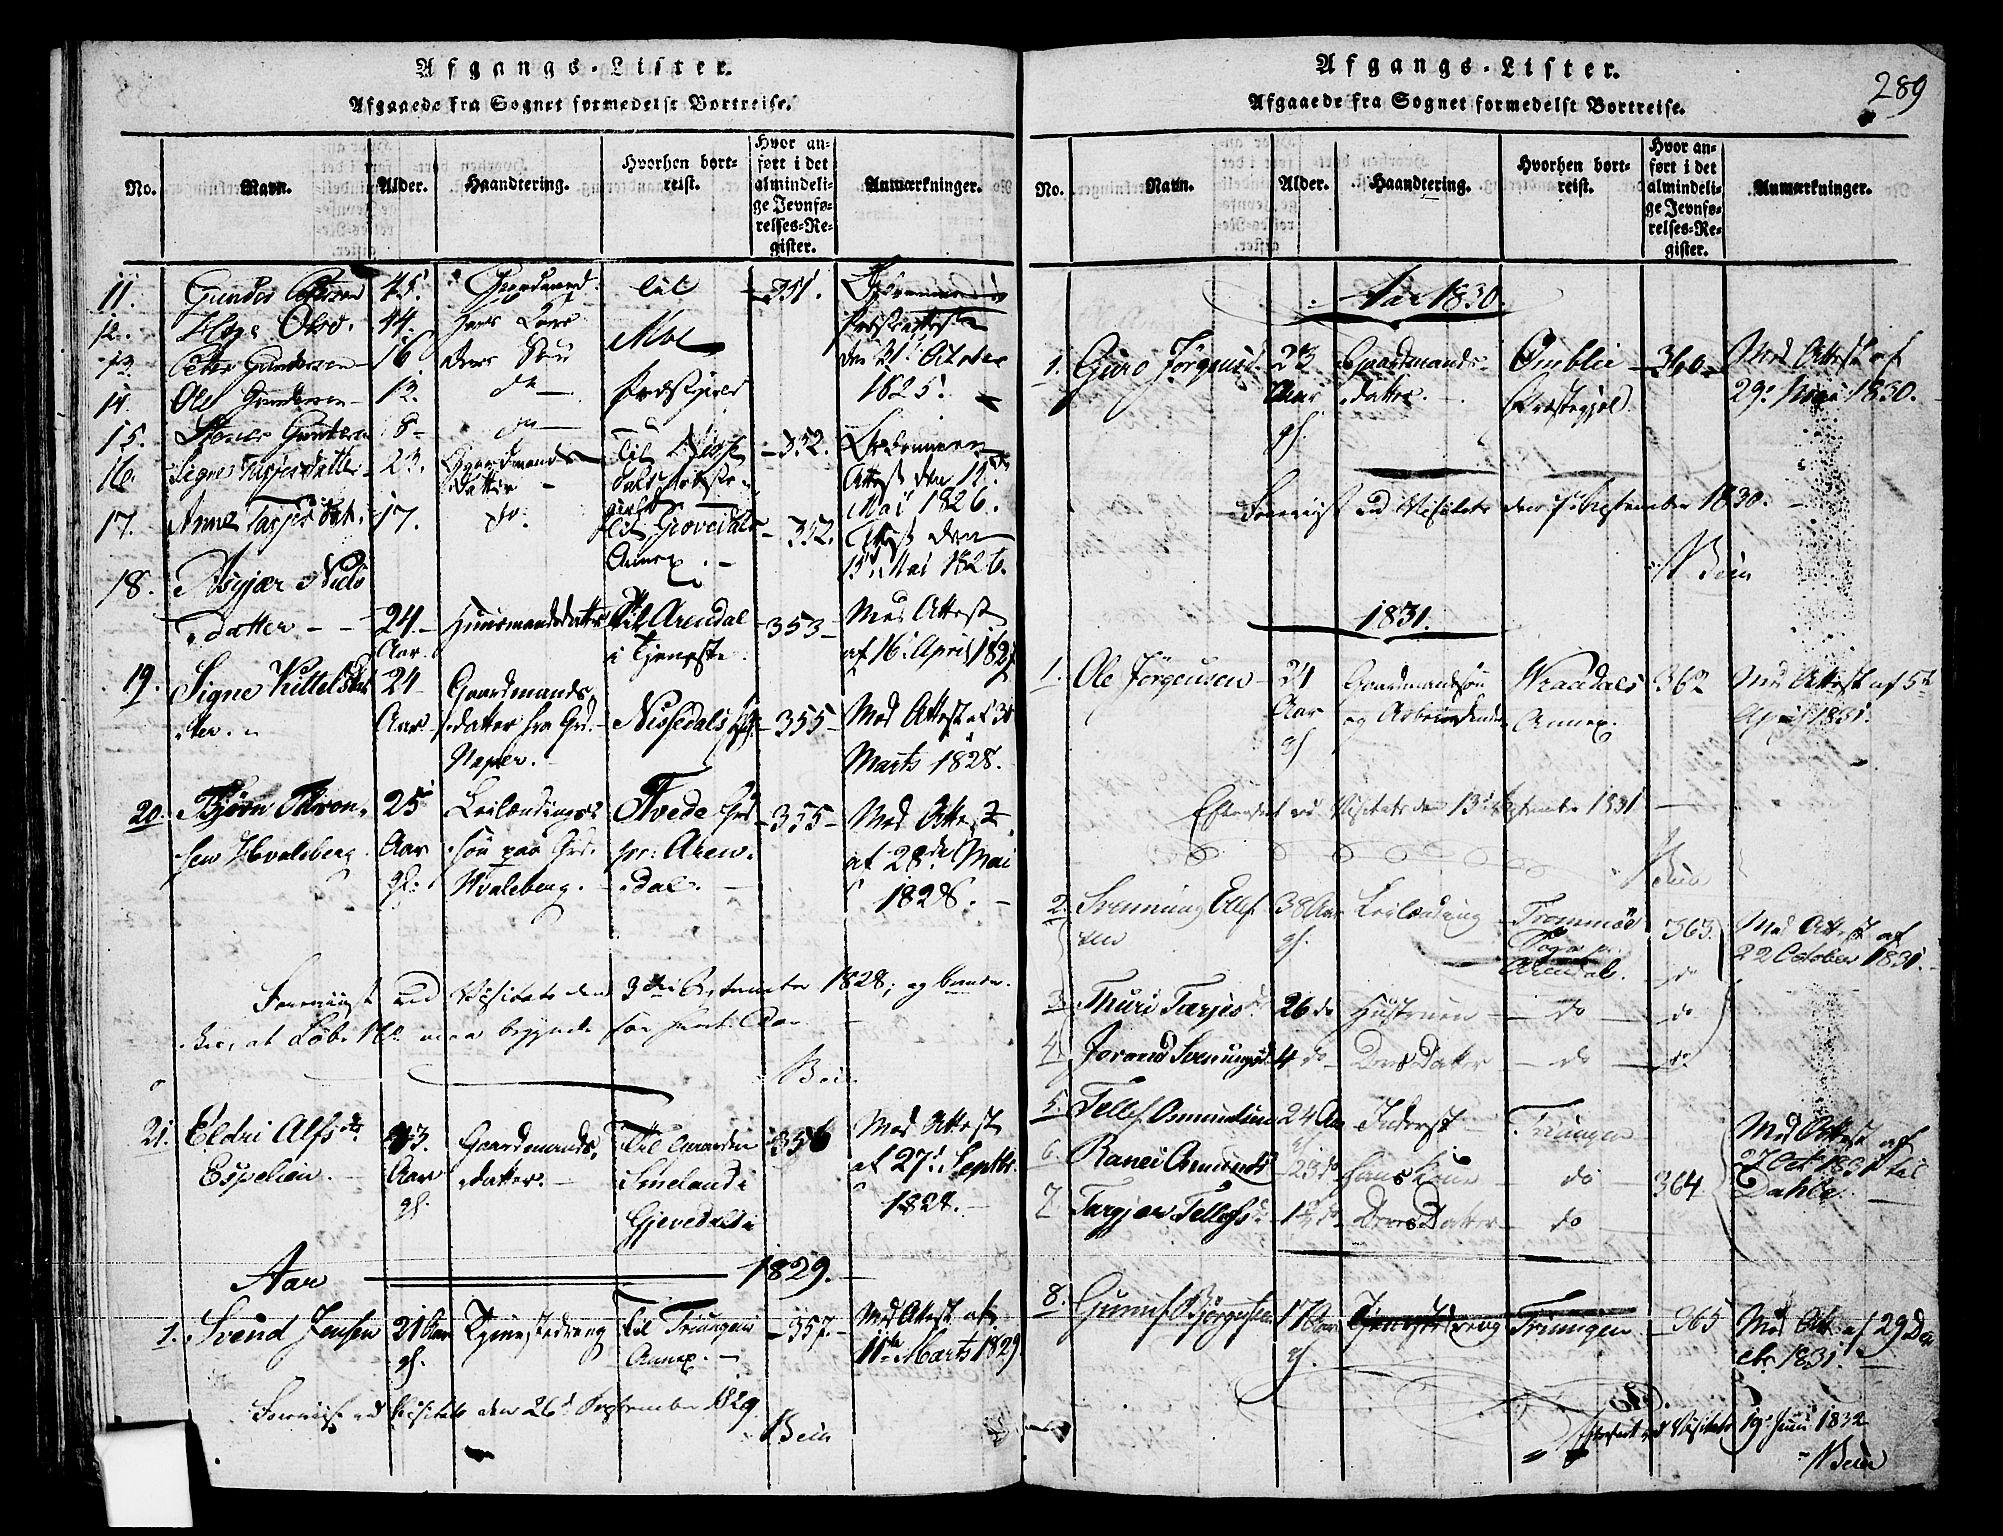 SAKO, Fyresdal kirkebøker, F/Fa/L0003: Ministerialbok nr. I 3, 1815-1840, s. 289